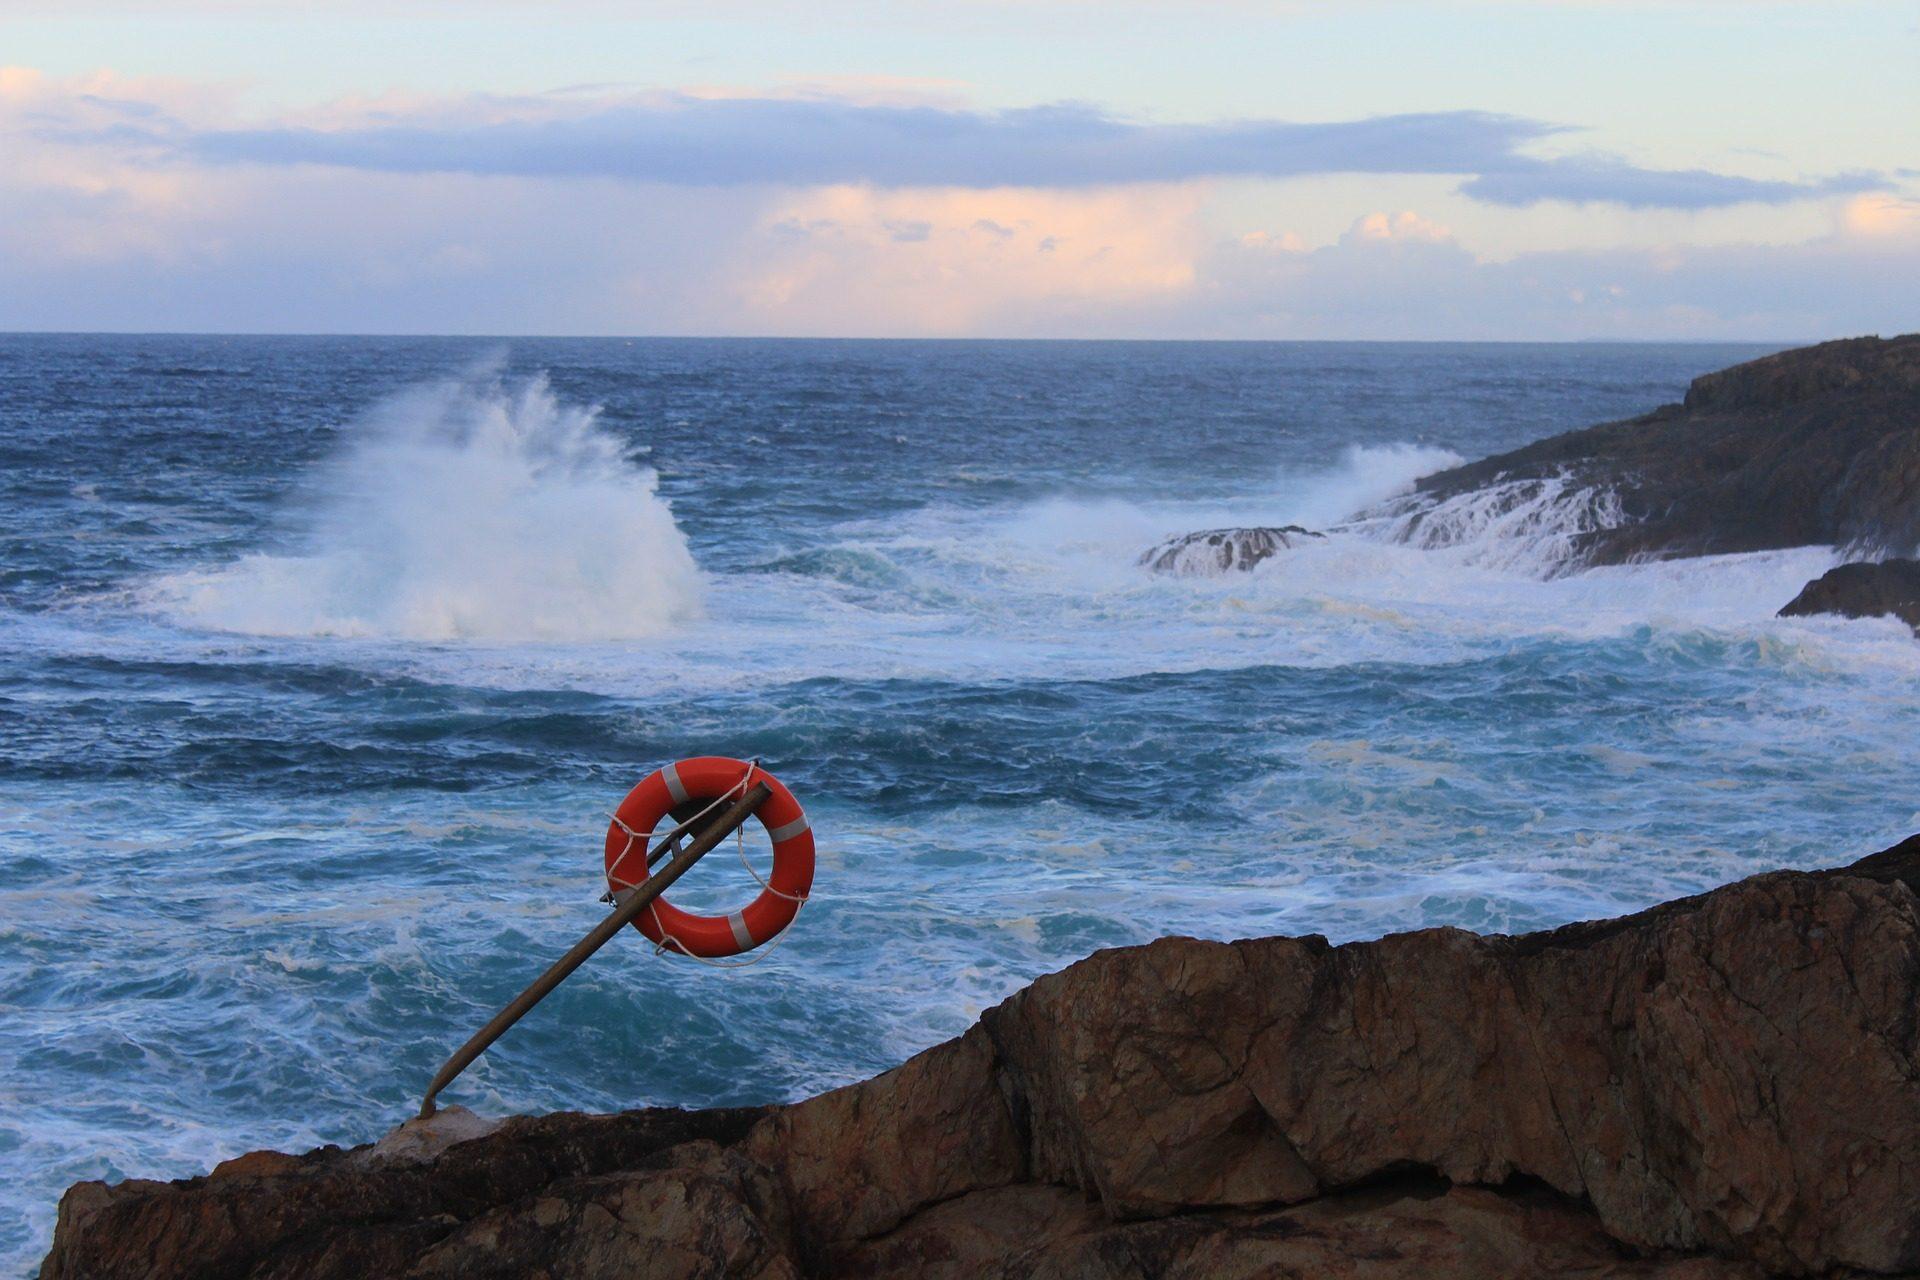 Море, Океан, волны, Rocas, Спасатель, риск - Обои HD - Профессор falken.com